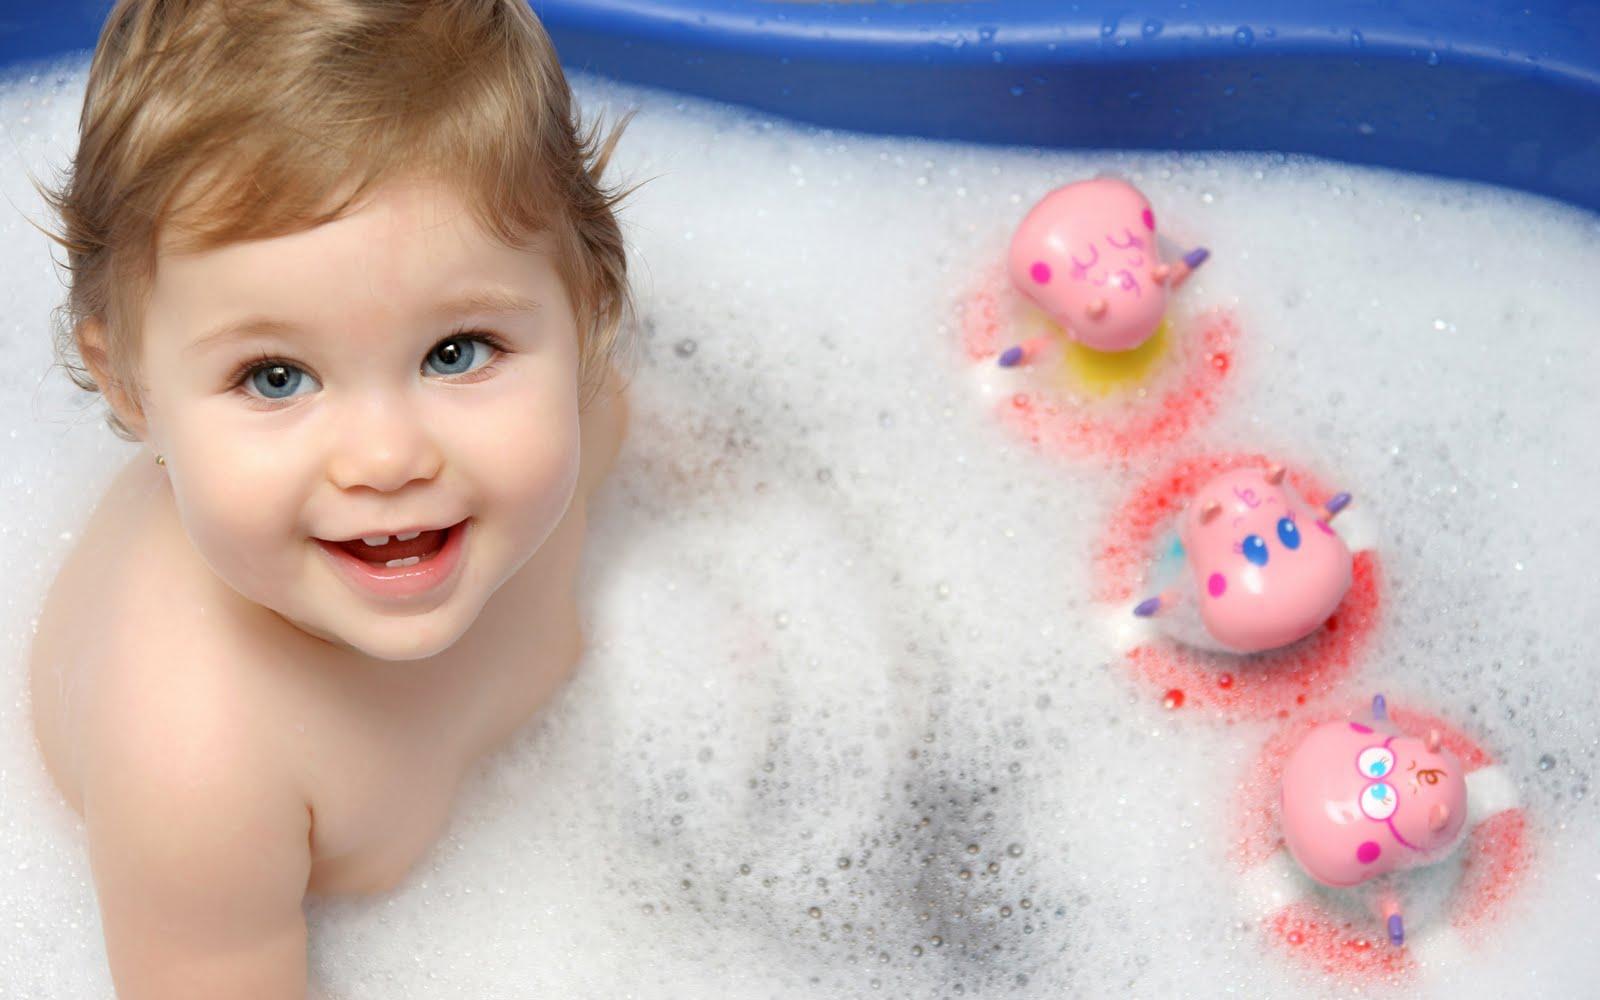 http://2.bp.blogspot.com/-0FXT9Q3mAzc/TkweO6NMpXI/AAAAAAAAT0E/9uTRwTOhGvQ/s1600/Baby%2Bwallpaper-3.jpg